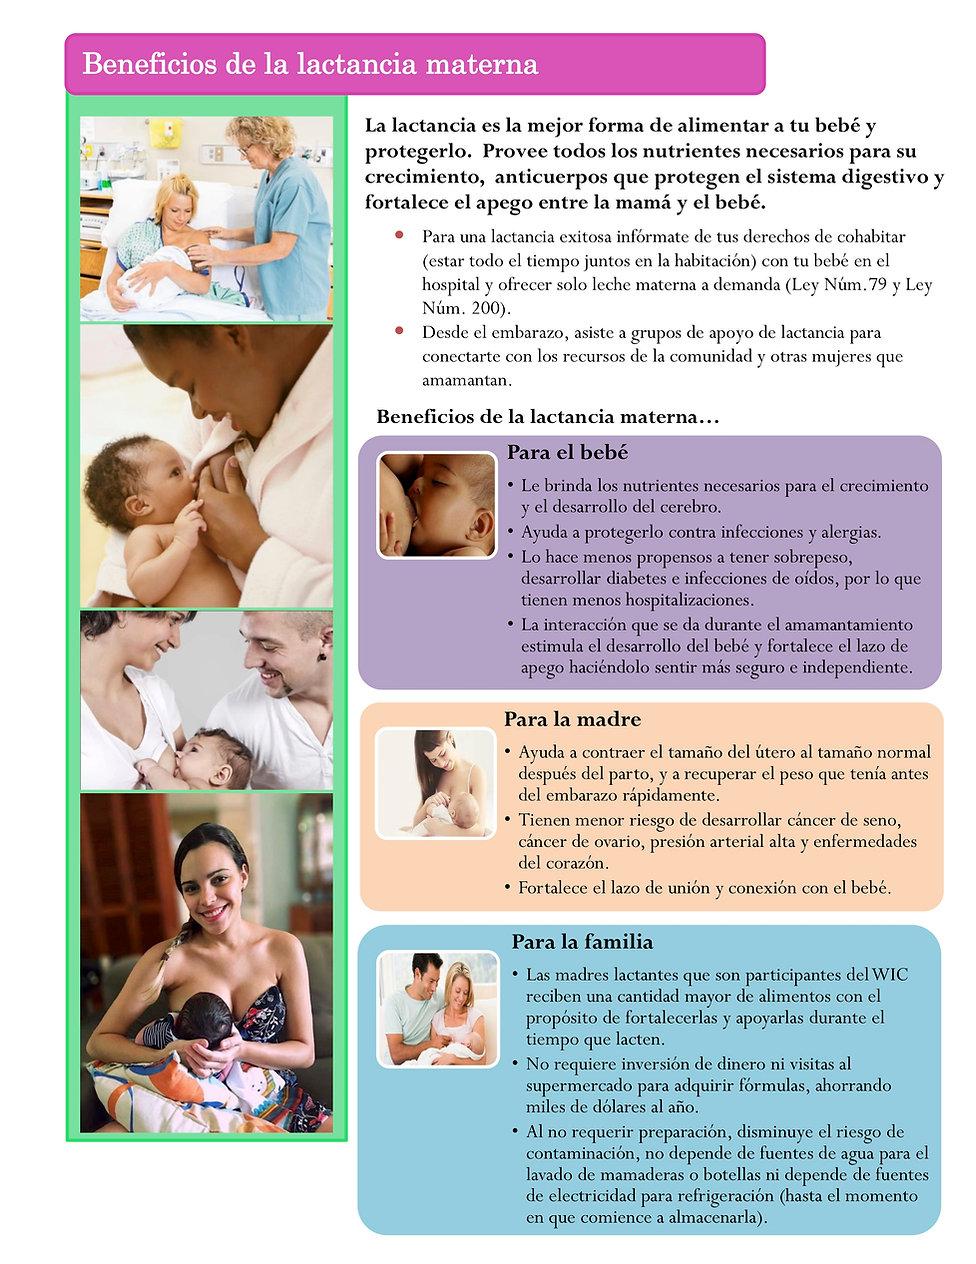 3. Beneficios de la lactancia materna.jp